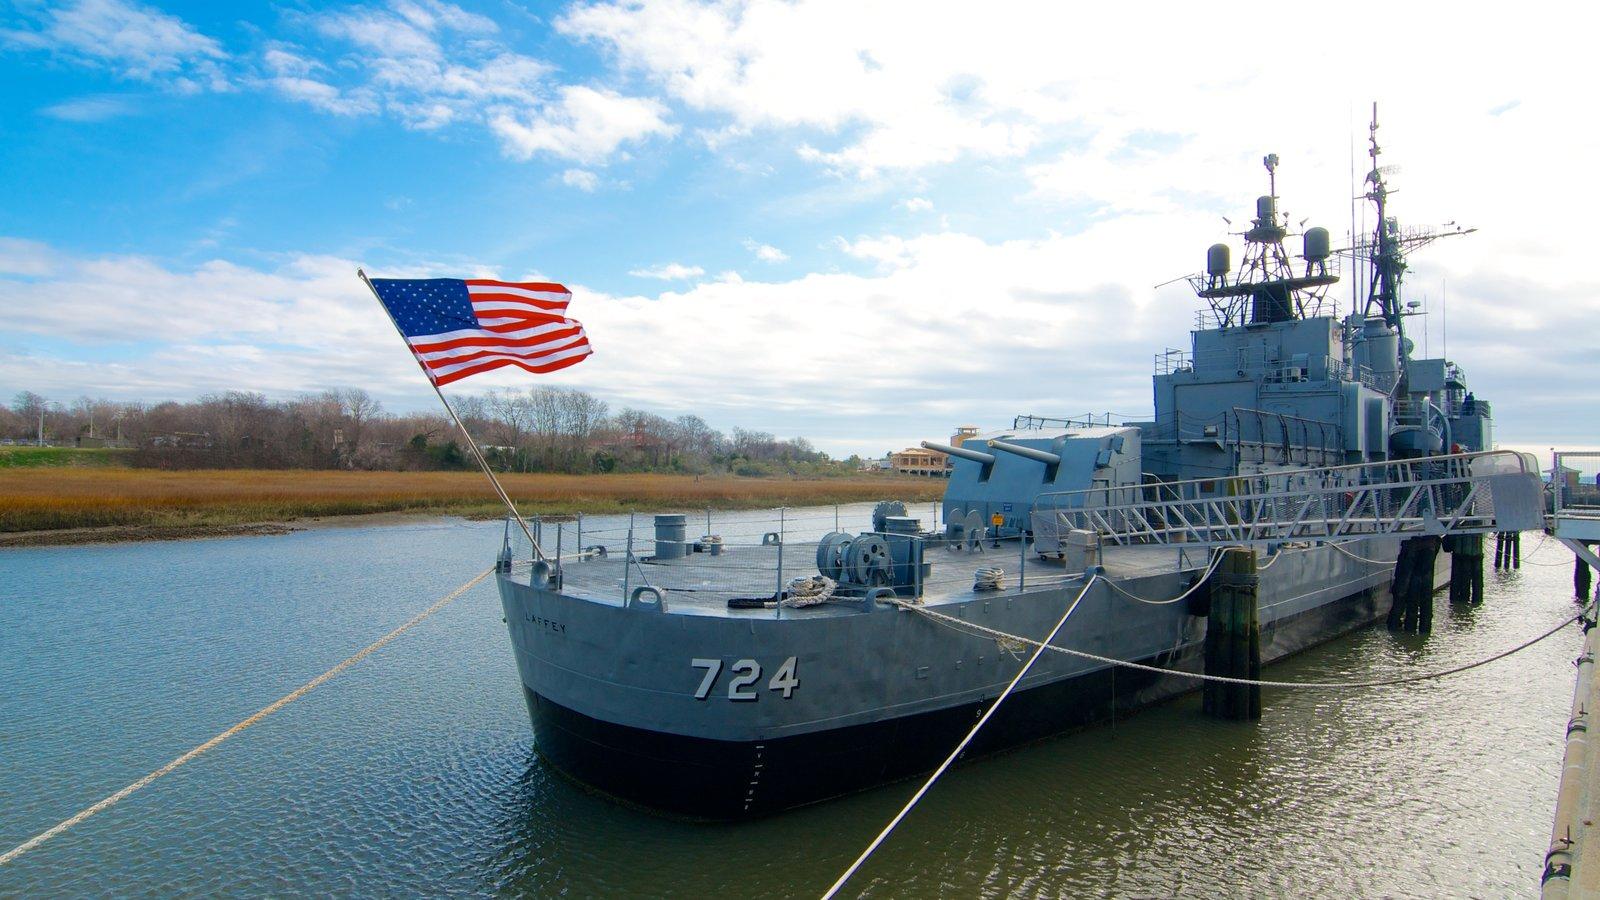 Patriots Point Naval and Maritime Museum que inclui itens militares, um rio ou córrego e uma marina